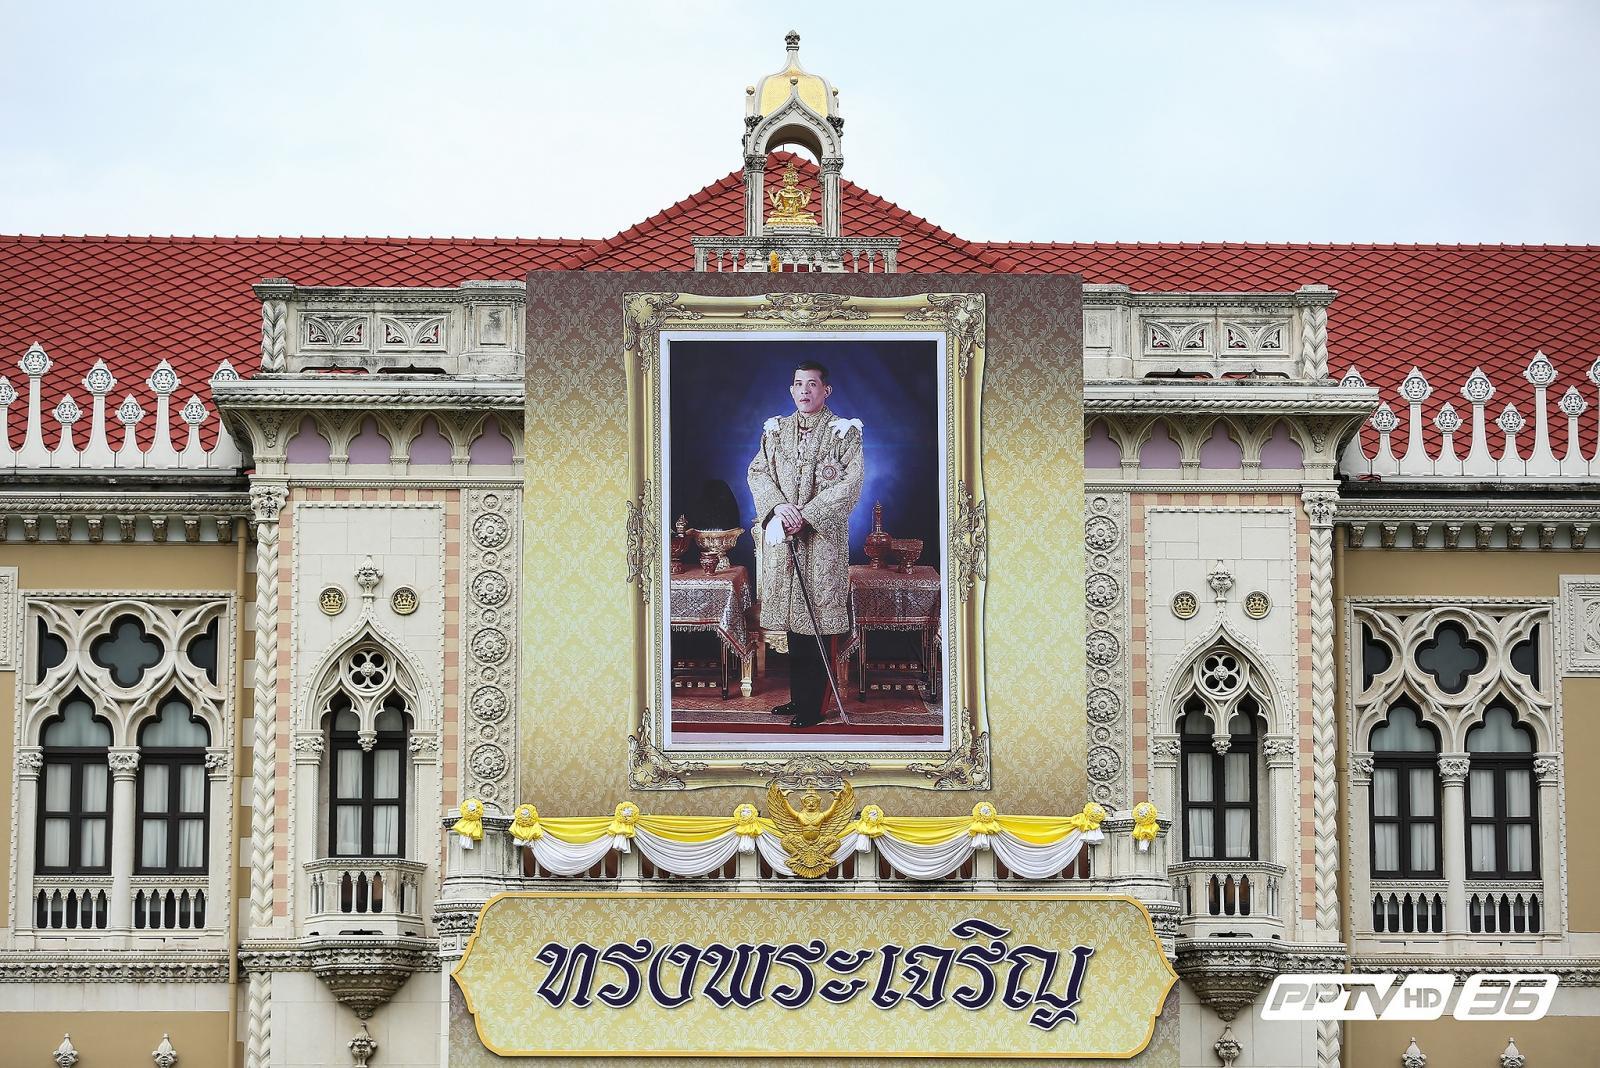 อัญเชิญพระบรมฉายาลักษณ์ ร.10 ขึ้นประดิษฐานตึกไทยคู่ฟ้า